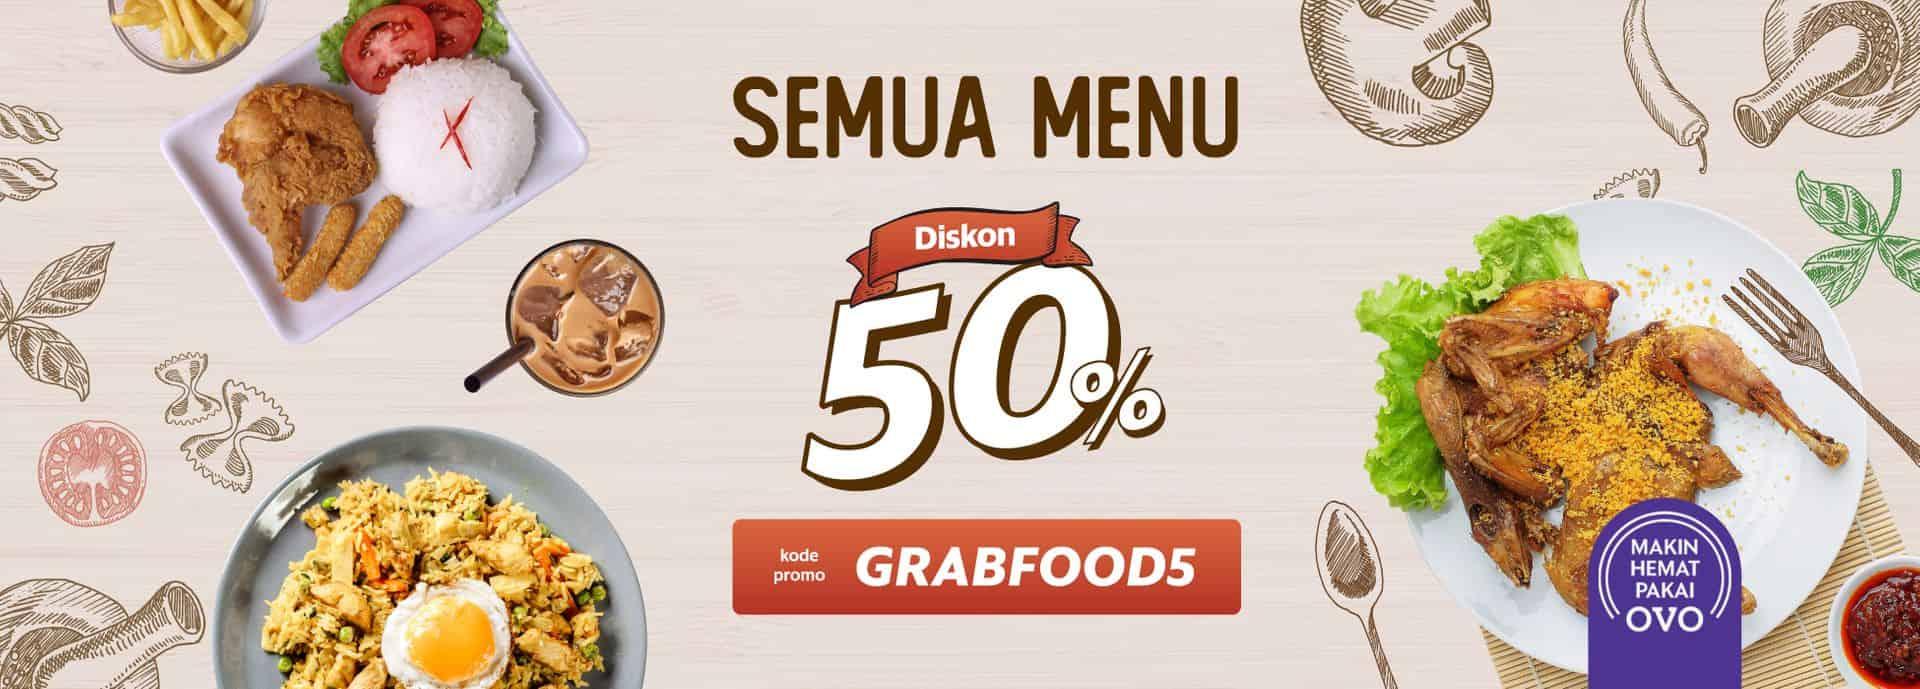 Makan Hemat Hanya Di Grabfood Grab Id